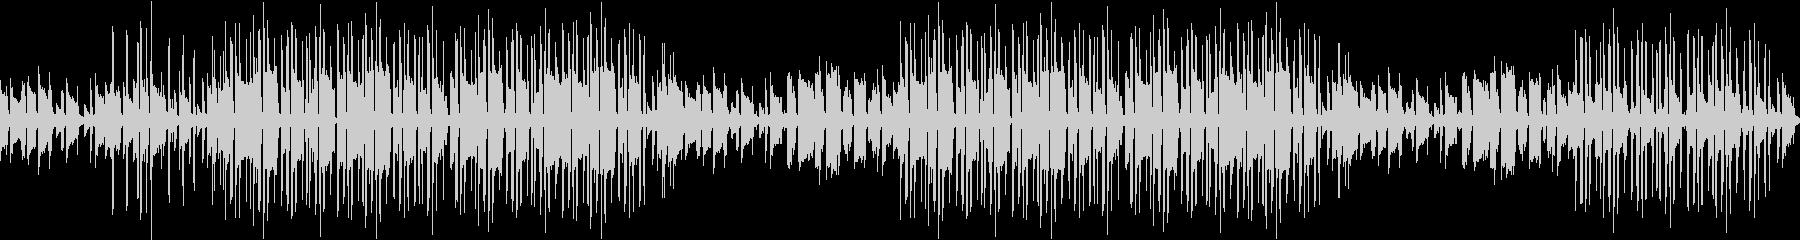 ギター・お洒落・カフェ・エモ・ループの未再生の波形